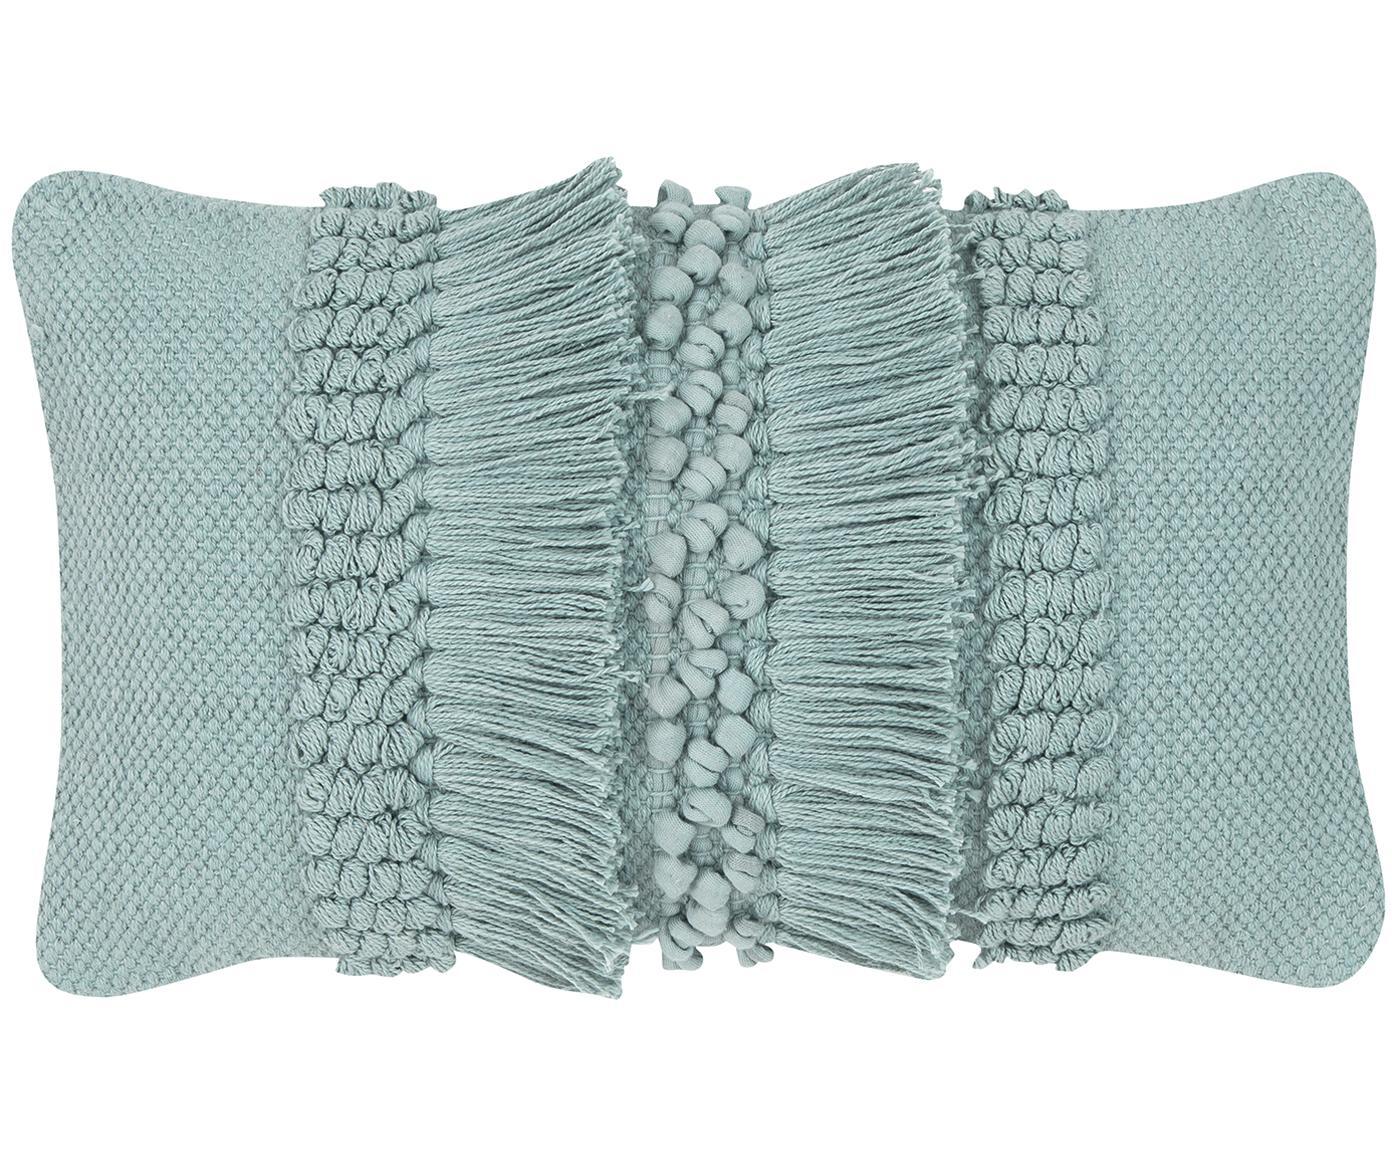 Poszewka na poduszkę Monika, 100% bawełna, Szałwiowy zielony, S 30 x D 50 cm